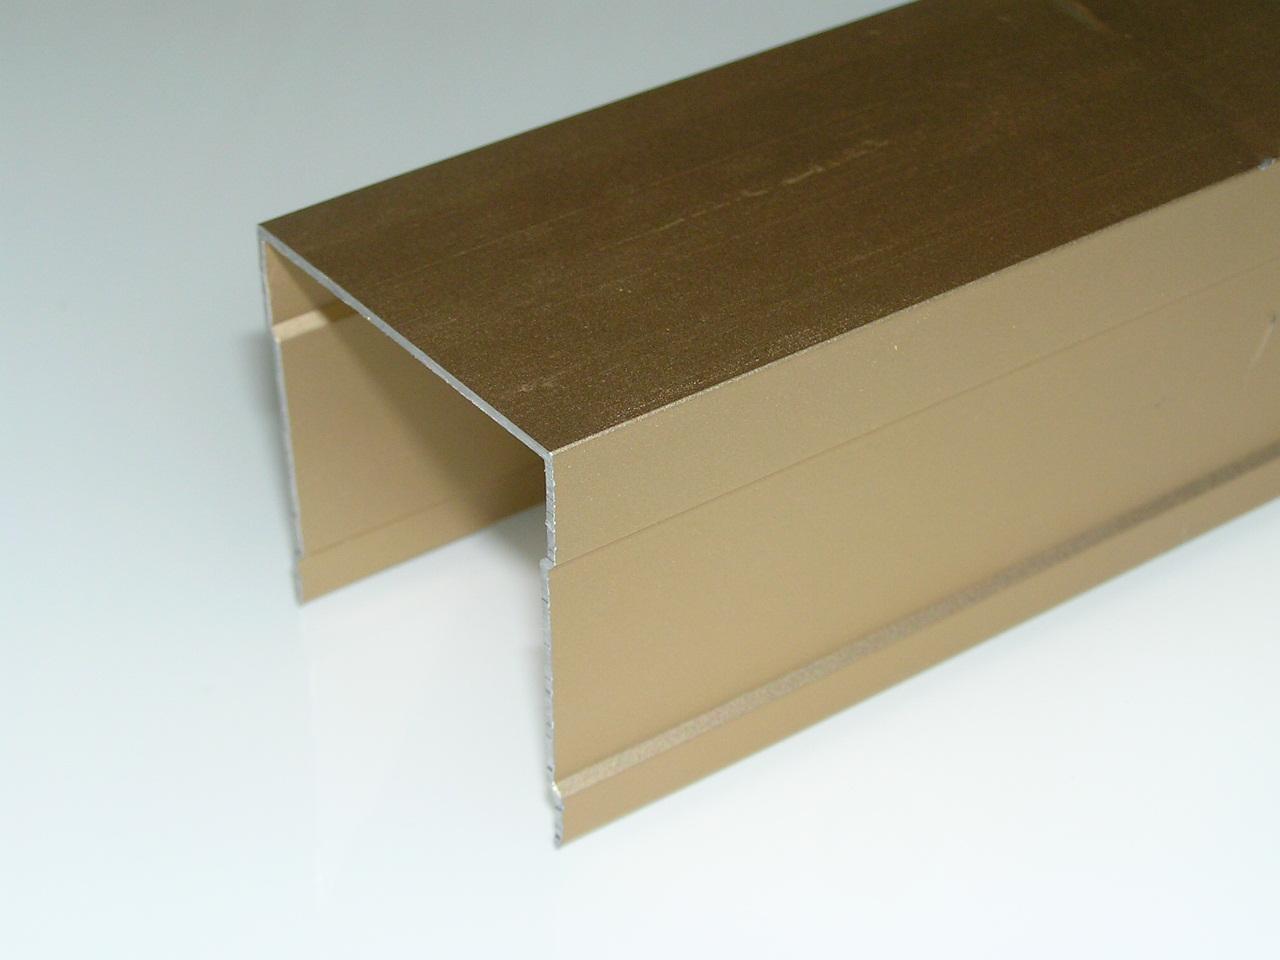 АФ Рельс одинарный верхний, золото белое, 6000мм